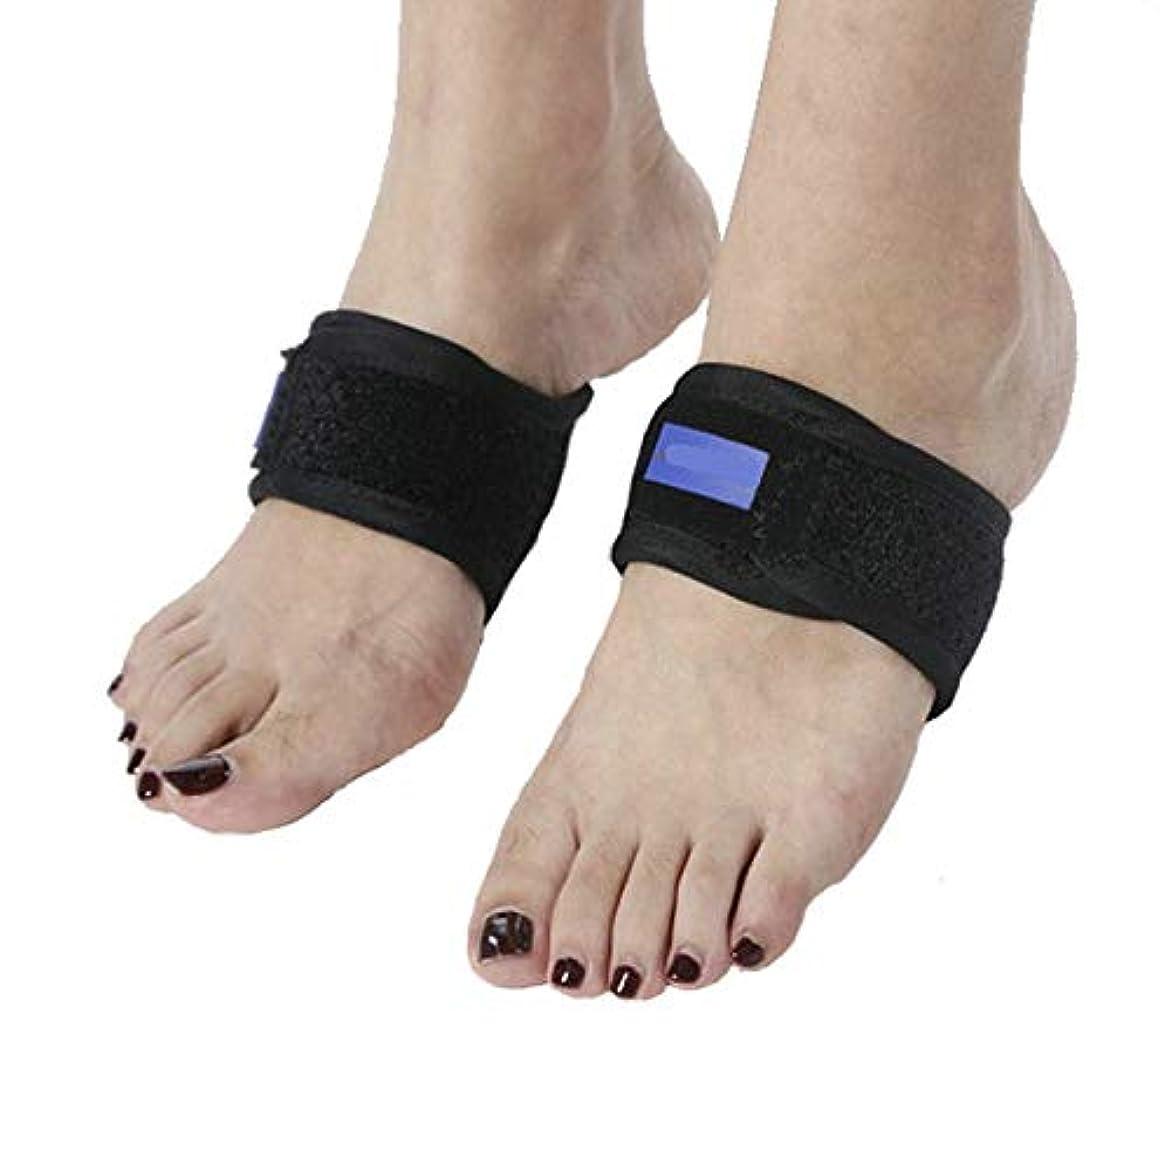 乱雑な普通の平和的足首固定フットレスト、調節可能な足底筋膜炎ナイトスプリント足垂れ下がった器具、平らな足、高いまたは倒れたアーチ、かかとの痛みを軽減